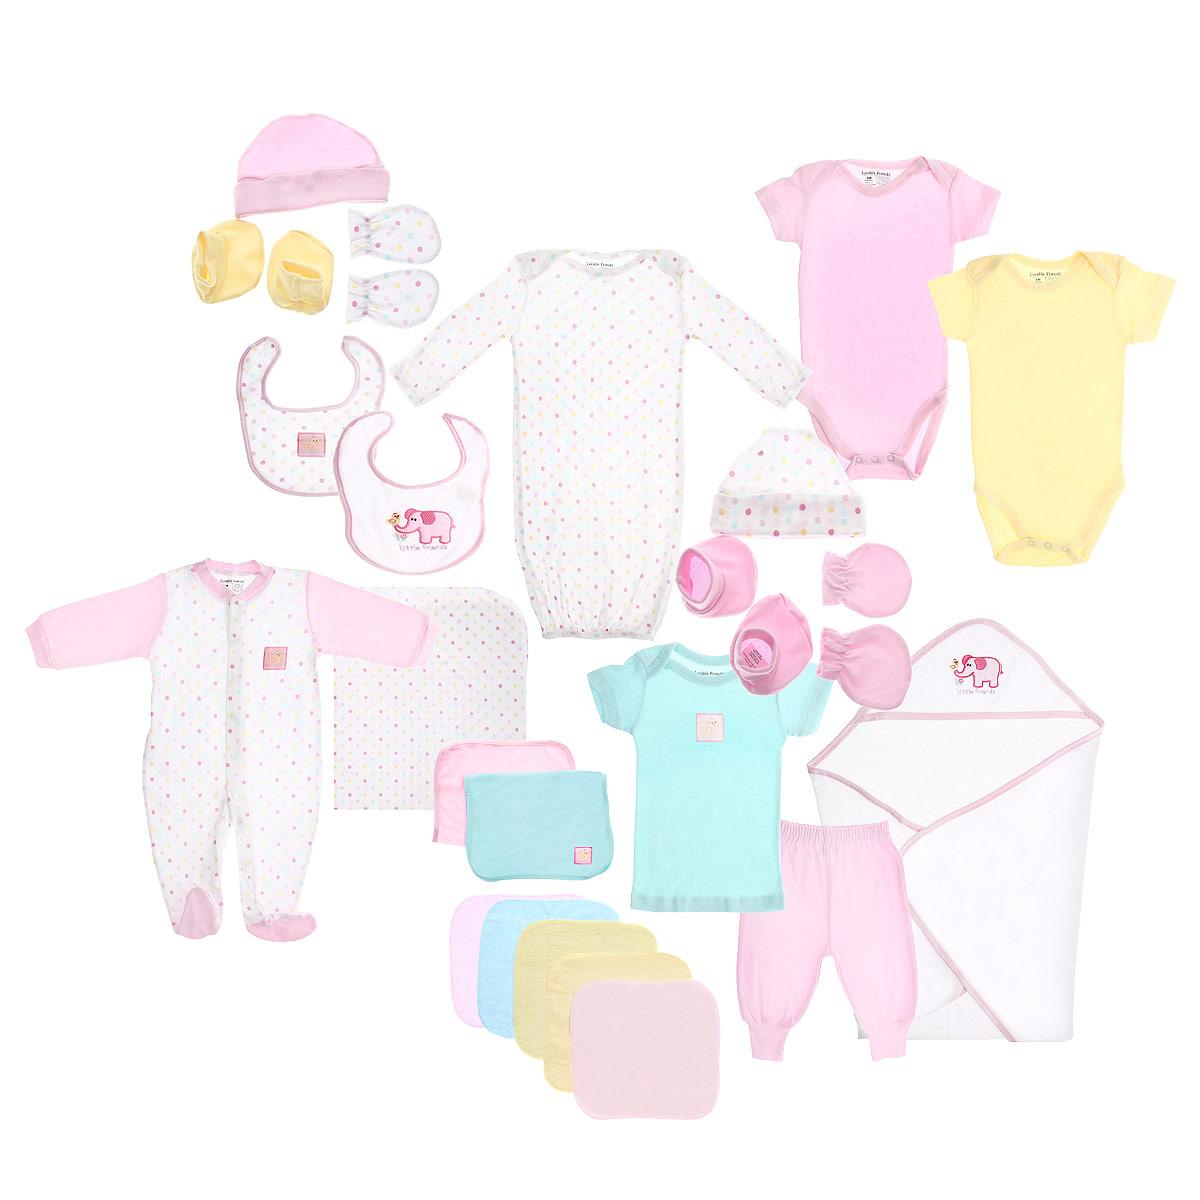 Подарочный комплект для новорожденного Luvable Friends Делюкс, цвет: розовый, 24 предмета. 7087. Размер 55/67, 0-6 месяцев7087Комплект для новорожденного Luvable Friends Делюкс - это замечательный подарок, который прекрасно подойдет для первых дней жизни малыша. Комплект состоит из двух боди, футболки, штанишек, комбинезона, сорочки, двух пар пинеток, двух пар рукавичек, двух шапочек, двух слюнявчиков, пеленки, полотенца с уголком, двух средних полотенец и пяти маленьких полотенчиков.Изготовленный из натурального хлопка, он необычайно мягкий и приятный на ощупь, не сковывает движения малыша и позволяет коже дышать, не раздражает даже самую нежную и чувствительную кожу ребенка, обеспечивая ему наибольший комфорт. Удобные боди с круглым вырезом горловины и короткими рукавами имеют специальные запахи на плечах и кнопки на ластовице, что значительно облегчает процесс переодевания ребенка и смену подгузника.Футболка с короткими рукавами также имеет запахи на плечах, а на груди оформлена оригинальной нашивкой с изображением обезьянки. Детские штанишки очень удобные, с мягкой резинкой на талии, с приятными для тела широкими манжетами на щиколотках, не сдавливают животик малыша и не сползают. Они прекрасно сохраняют тепло и отлично сочетаются с футболками и кофточками.Комбинезон с длинными рукавами и закрытыми ножками имеет застежки-кнопки от горловины до щиколоток, которые помогают легко переодеть младенца или сменить подгузник. Низ рукавов дополнен мягкими широкими манжетами, не пережимающими запястья малыша. На груди он оформлен нашивкой с изображением обезьянки. С комбинезоном спинка и ножки малыша всегда будут в тепле. Сорочка с длинными рукавами идеально подойдет вашему ребенку для сна. На плечах имеются запахи, а снизу она присборена на эластичную резинку. Пинетки очень удобные, с мягкой широкой резинкой, не сдавливающей ножку младенца. Рукавички обеспечат вашему малышу комфорт во время сна и бодрствования, предохраняя нежную кожу новорожденного от расцарапывания. Ши